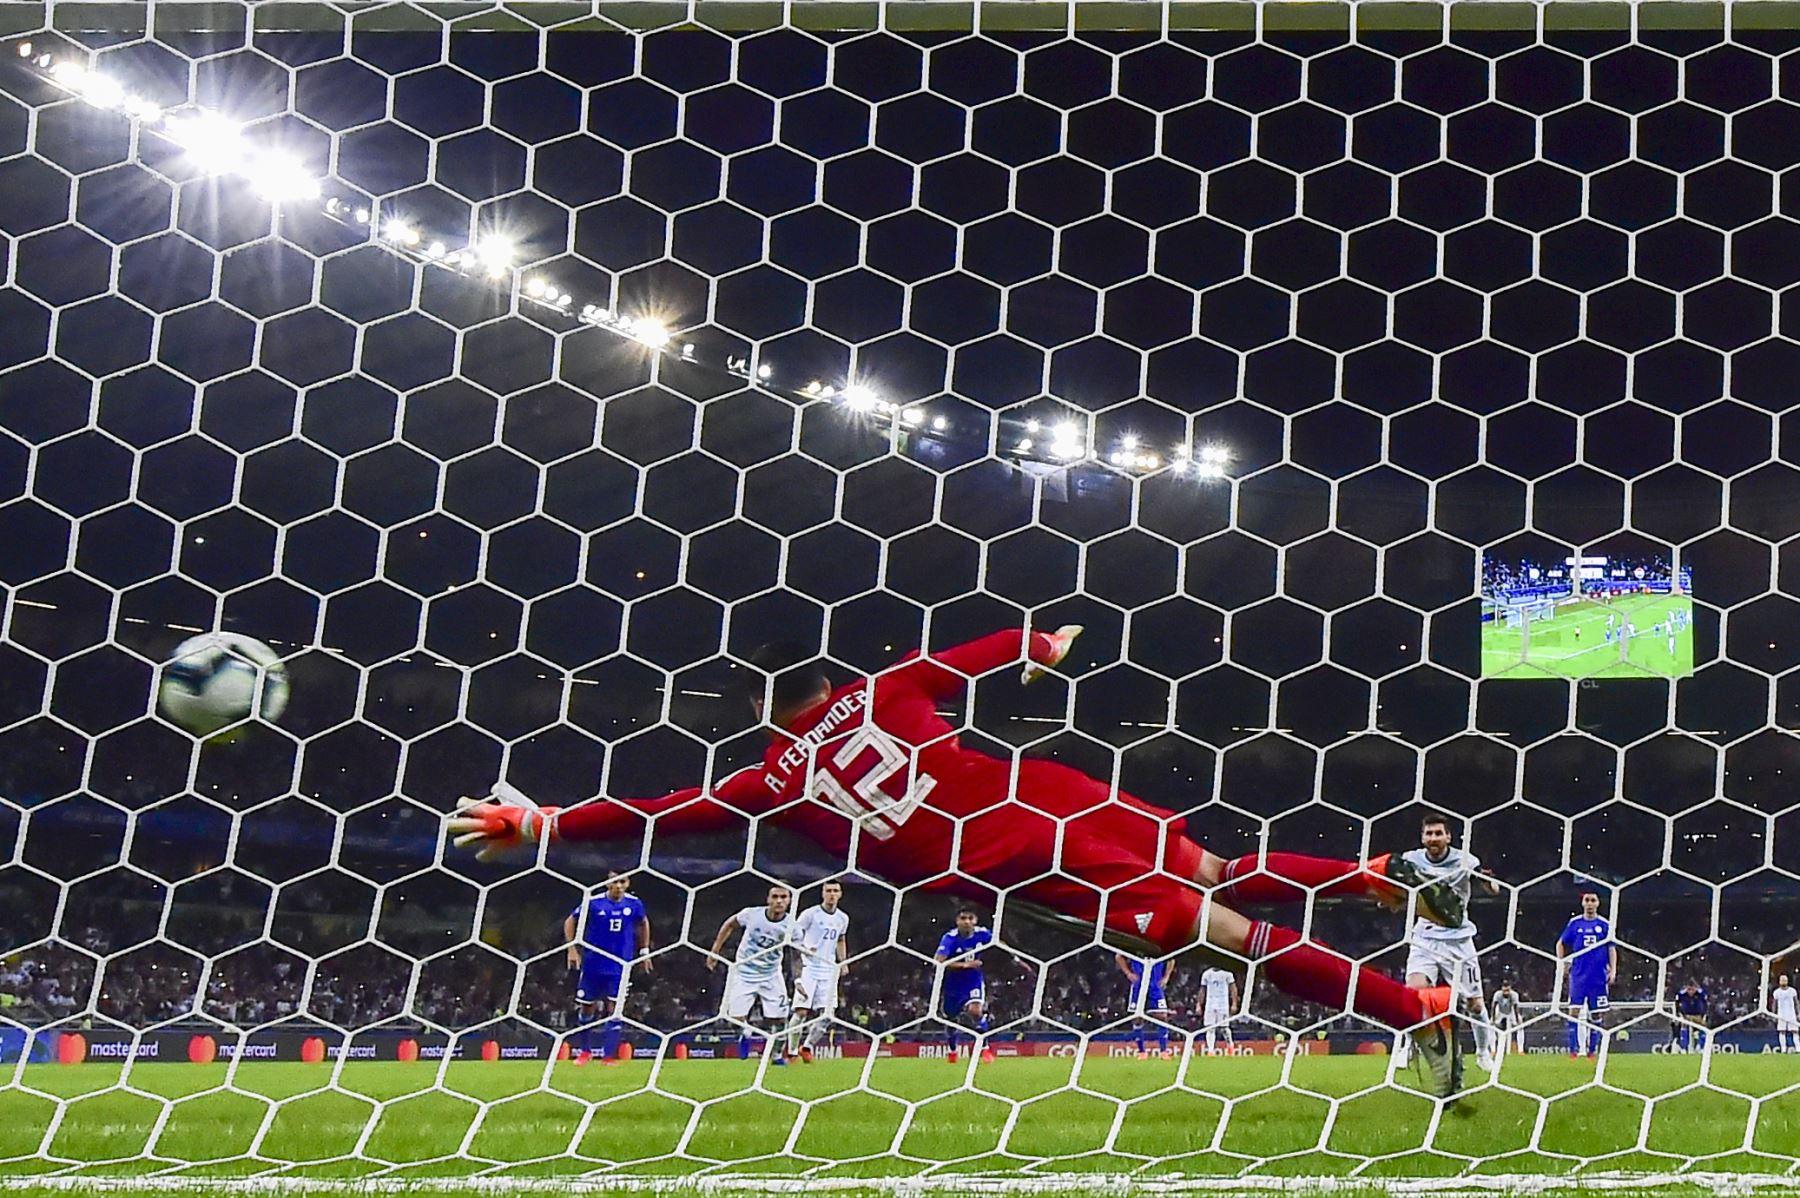 Lionel Messi (R) de Argentina celebra después de anotar una penalización otorgada por el VAR después de una mano en el área, para anotar contra Paraguay durante su partido de torneo de fútbol de Copa América en el Estadio Mineirao en Belo Horizonte, Brasil. Foto: AFP